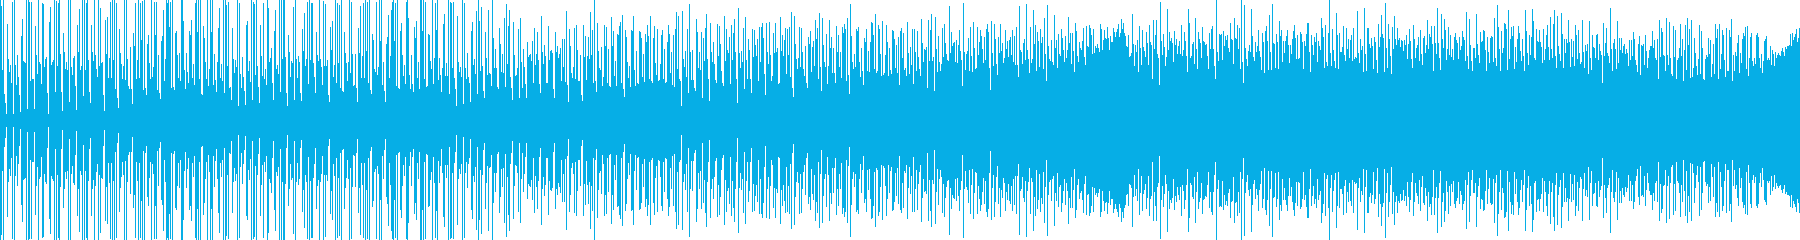 無機質なトランステクノの再生済みの波形